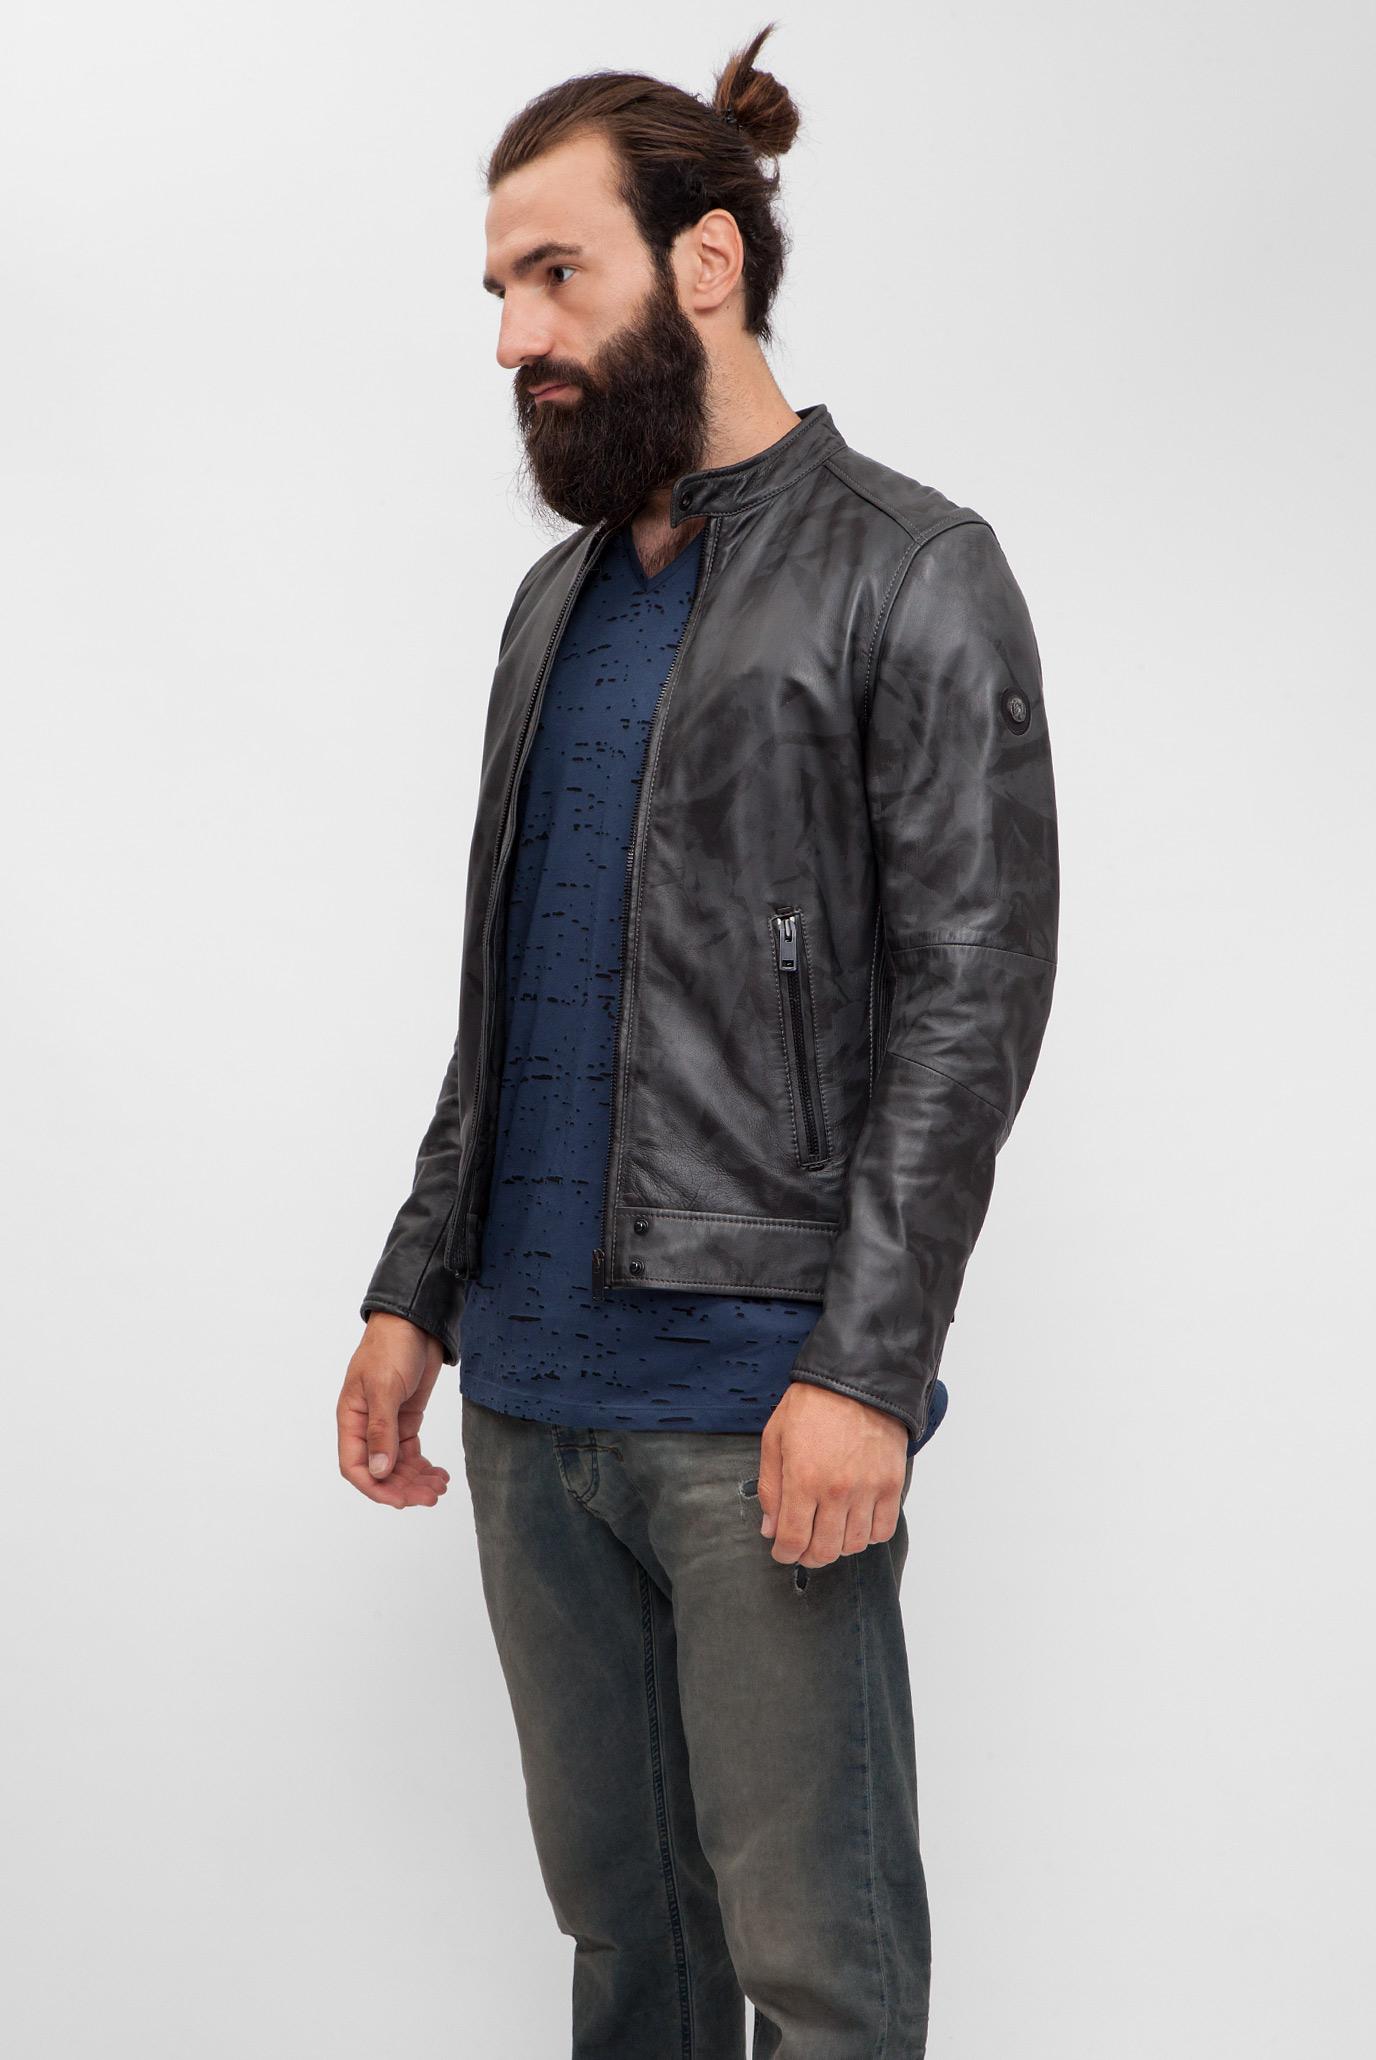 Купить Мужская черная кожаная куртка Diesel Diesel 00SW0U 0DAOS – Киев 18774fc56f3ce